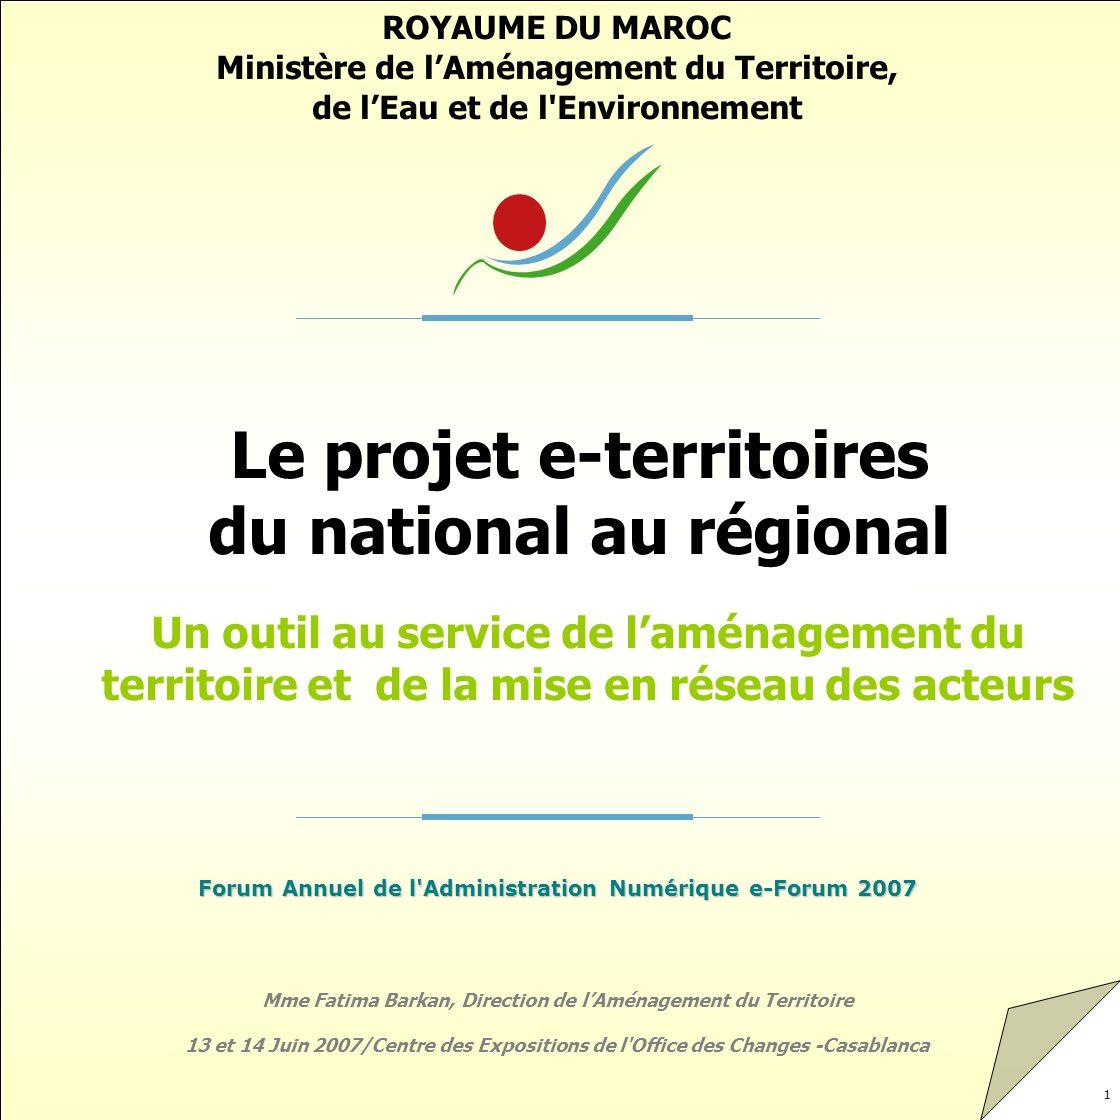 12 Les objectifs de la démarche Doter le Maroc dun outil de maîtrise des enjeux territoriaux à la hauteur de ses ambitions de développement Mieux capitaliser et diffuser les données relatives au territoire national Améliorer la capacité et les modes dintervention de la DAT en matière de suivi et de recherche de cohérence des projets Renforcer la cohérence des méthodes et outils au niveaux national et régional Renforcer les capacités des Irate Mieux capitaliser et articuler les données régionales entre elles Permettre la représentation spatiale de toutes les données localisées aux différentes échelles géographiques